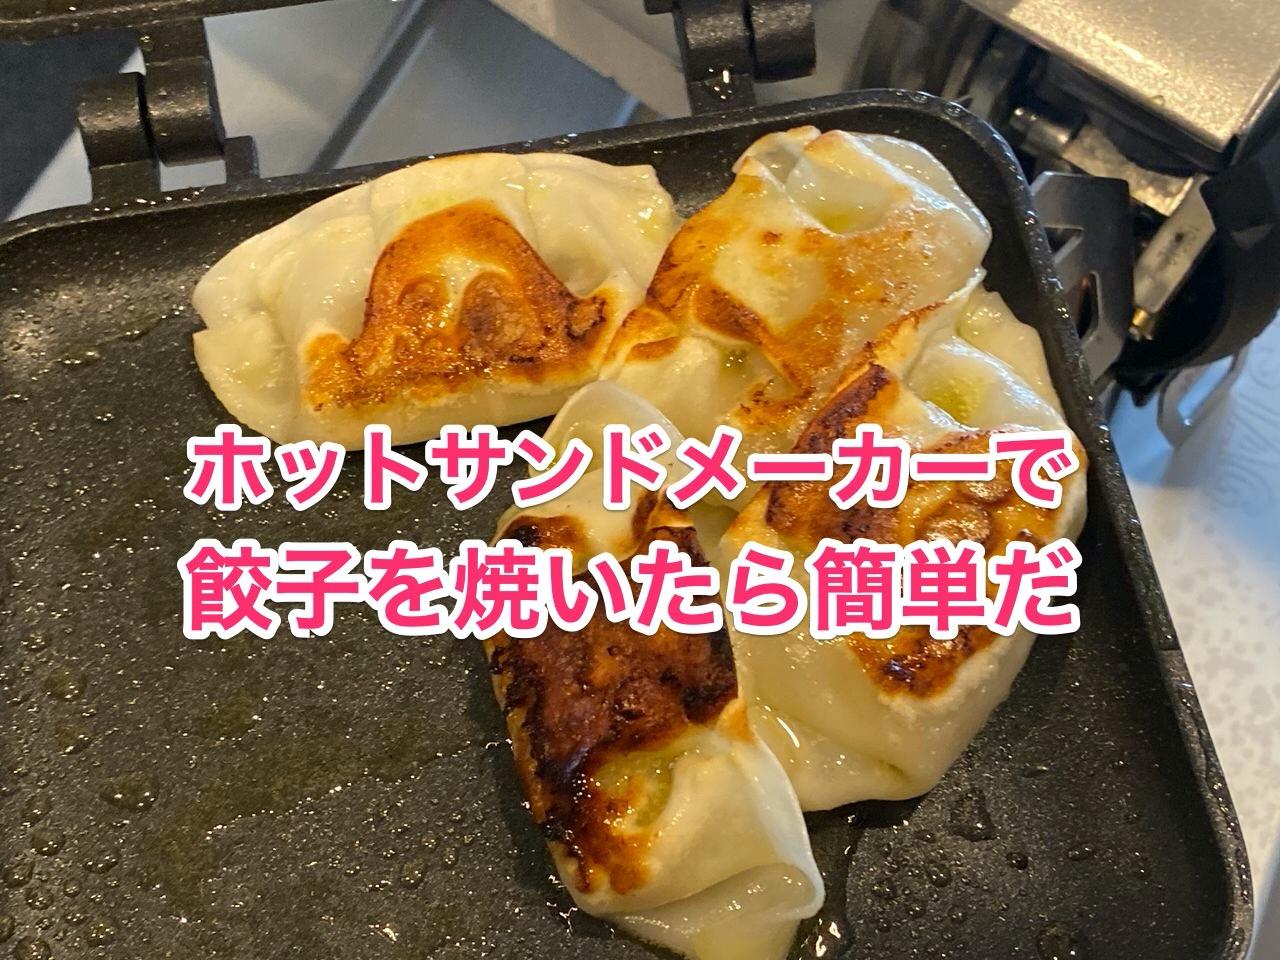 「ホットサンドメーカー」初体験なのにいきなり上手に餃子が焼けてしまって感動 → これは夢の調理器具なのでは!?